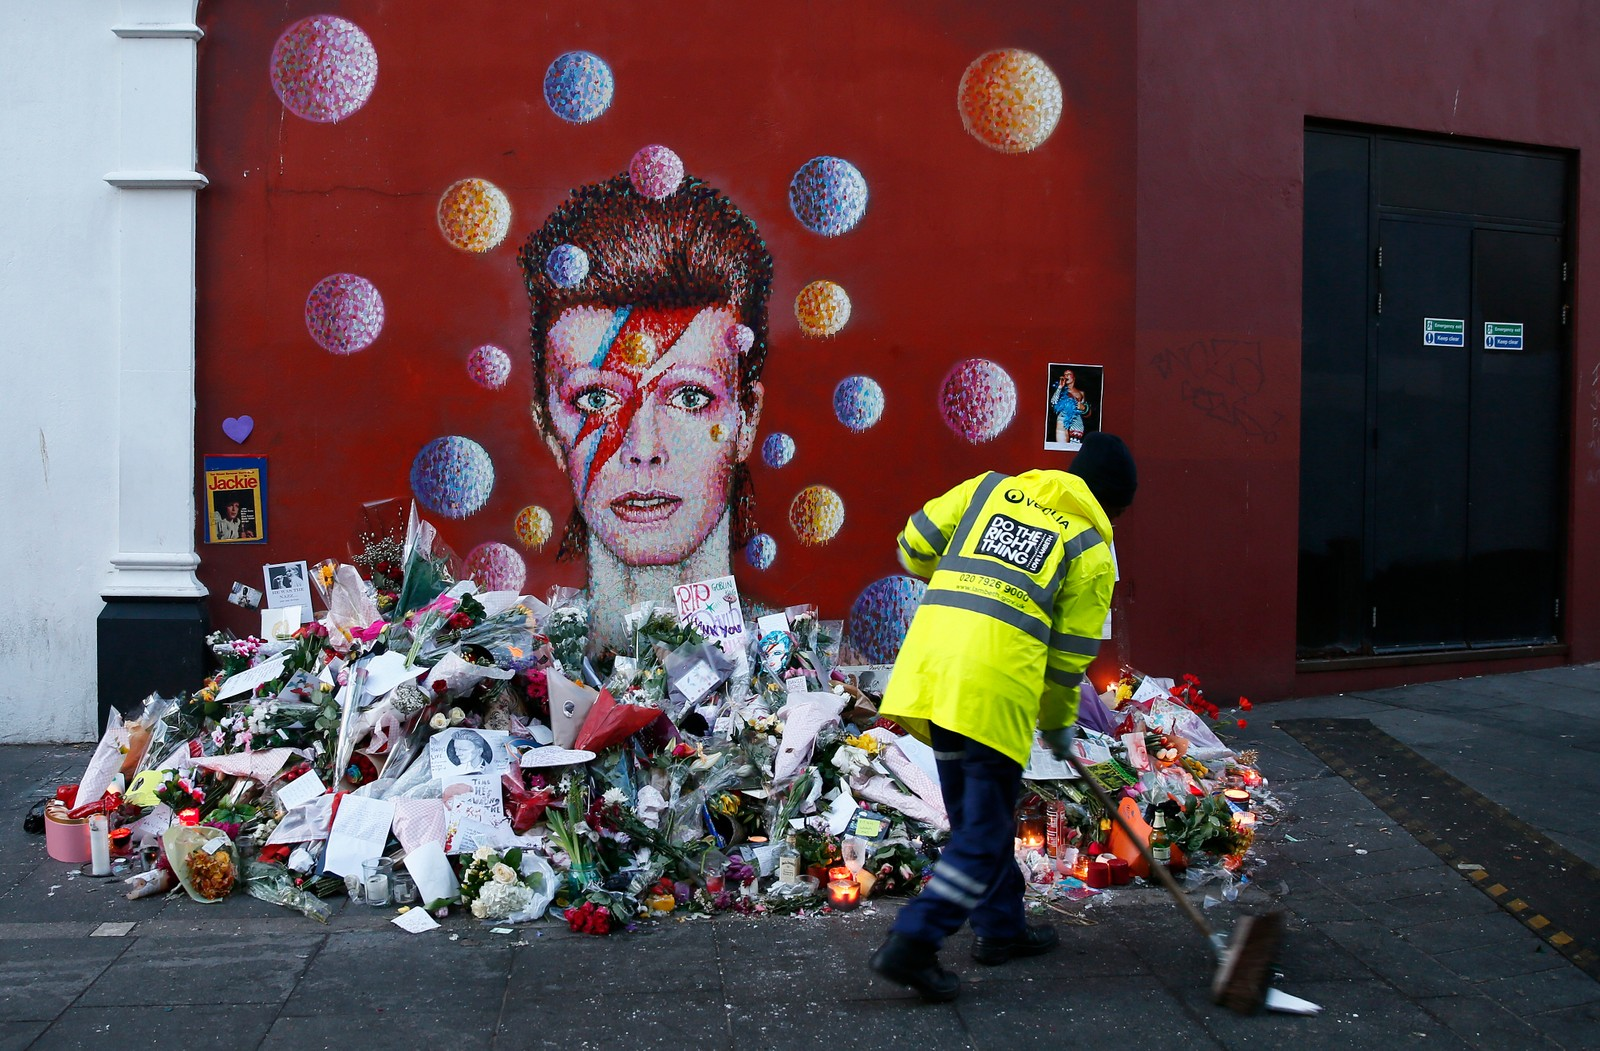 En arbeider feier gata foran et veggmaleri av artisten David Bowie i Brixton, Sør-London, 12.januar. Mange la ned blomster etter at det ble kjent at den verdenskjente artisten døde av kreft bare dager etter lanseringen av hans nye album.